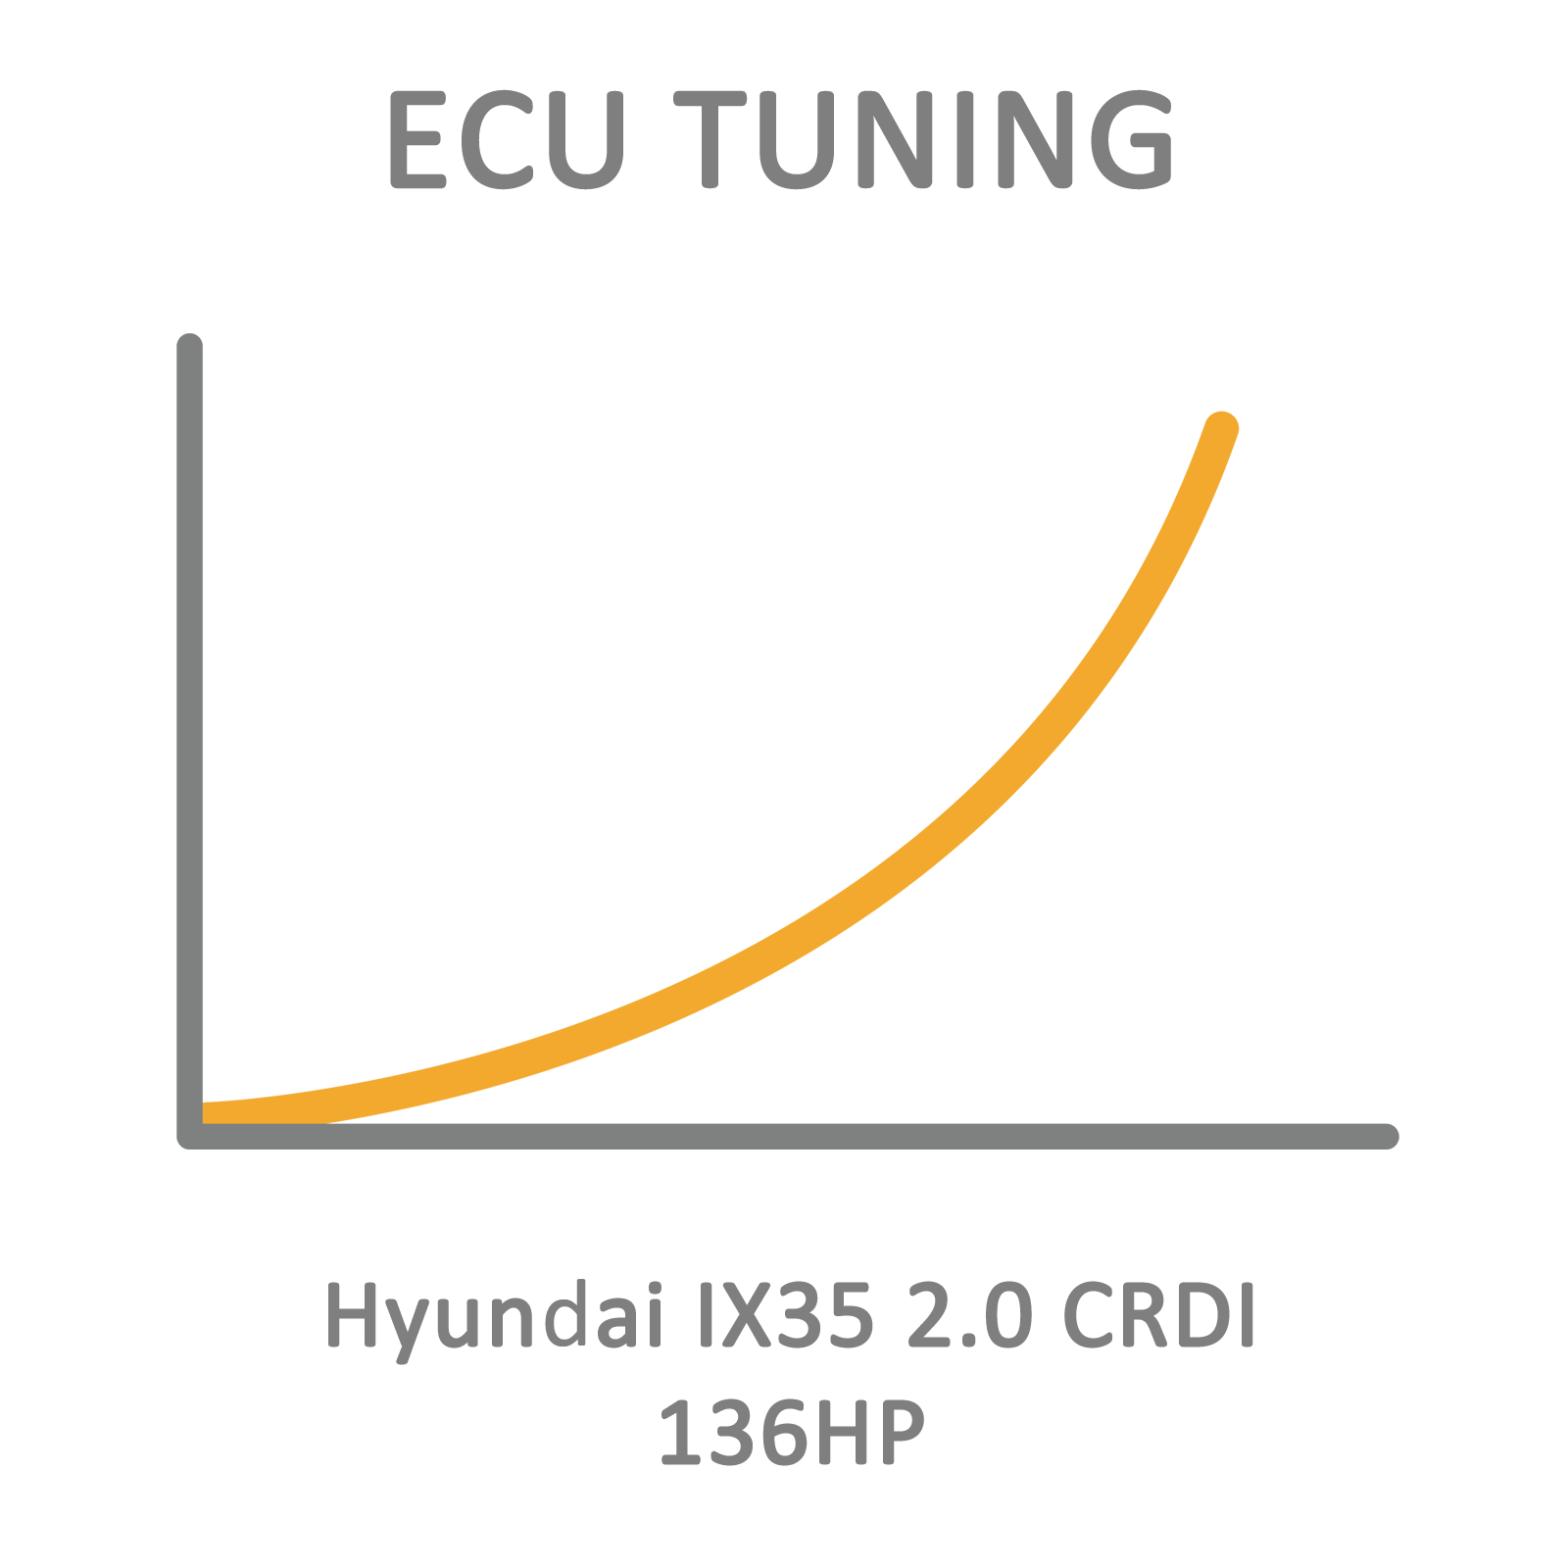 Hyundai IX35 2.0 CRDI 136HP ECU Tuning Remapping Programming